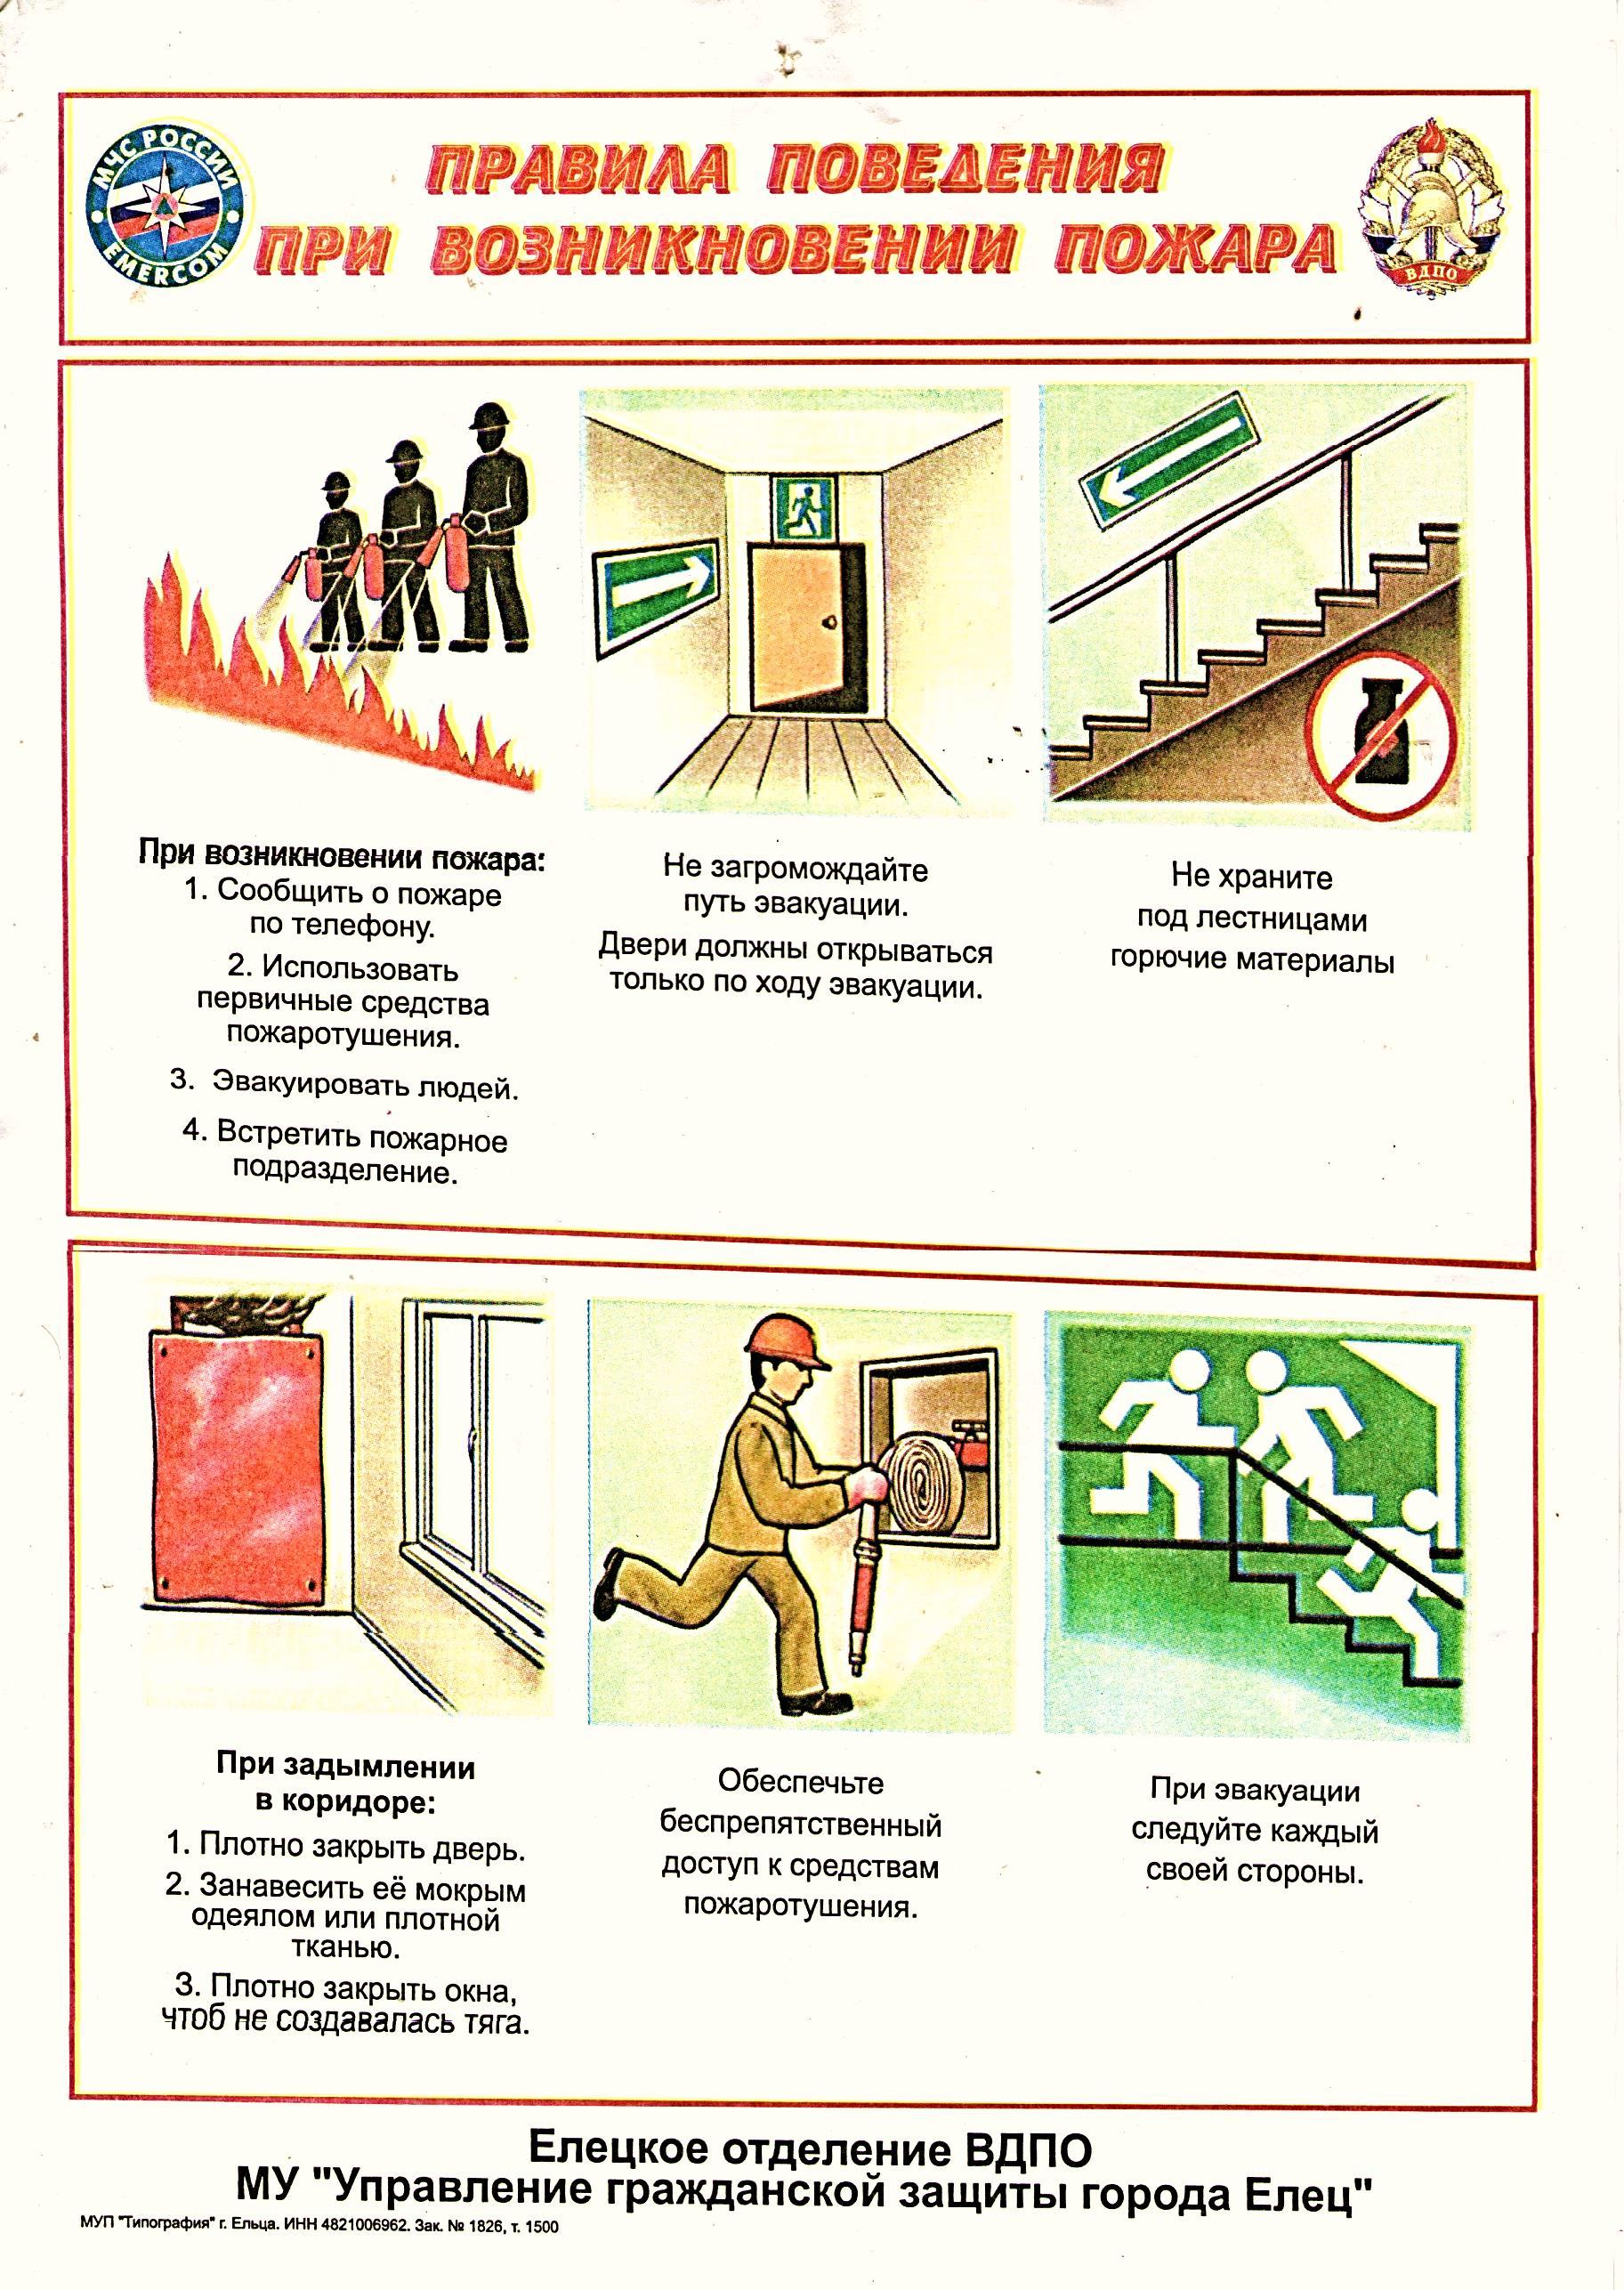 действия сотрудников при пожаре в картинках народов